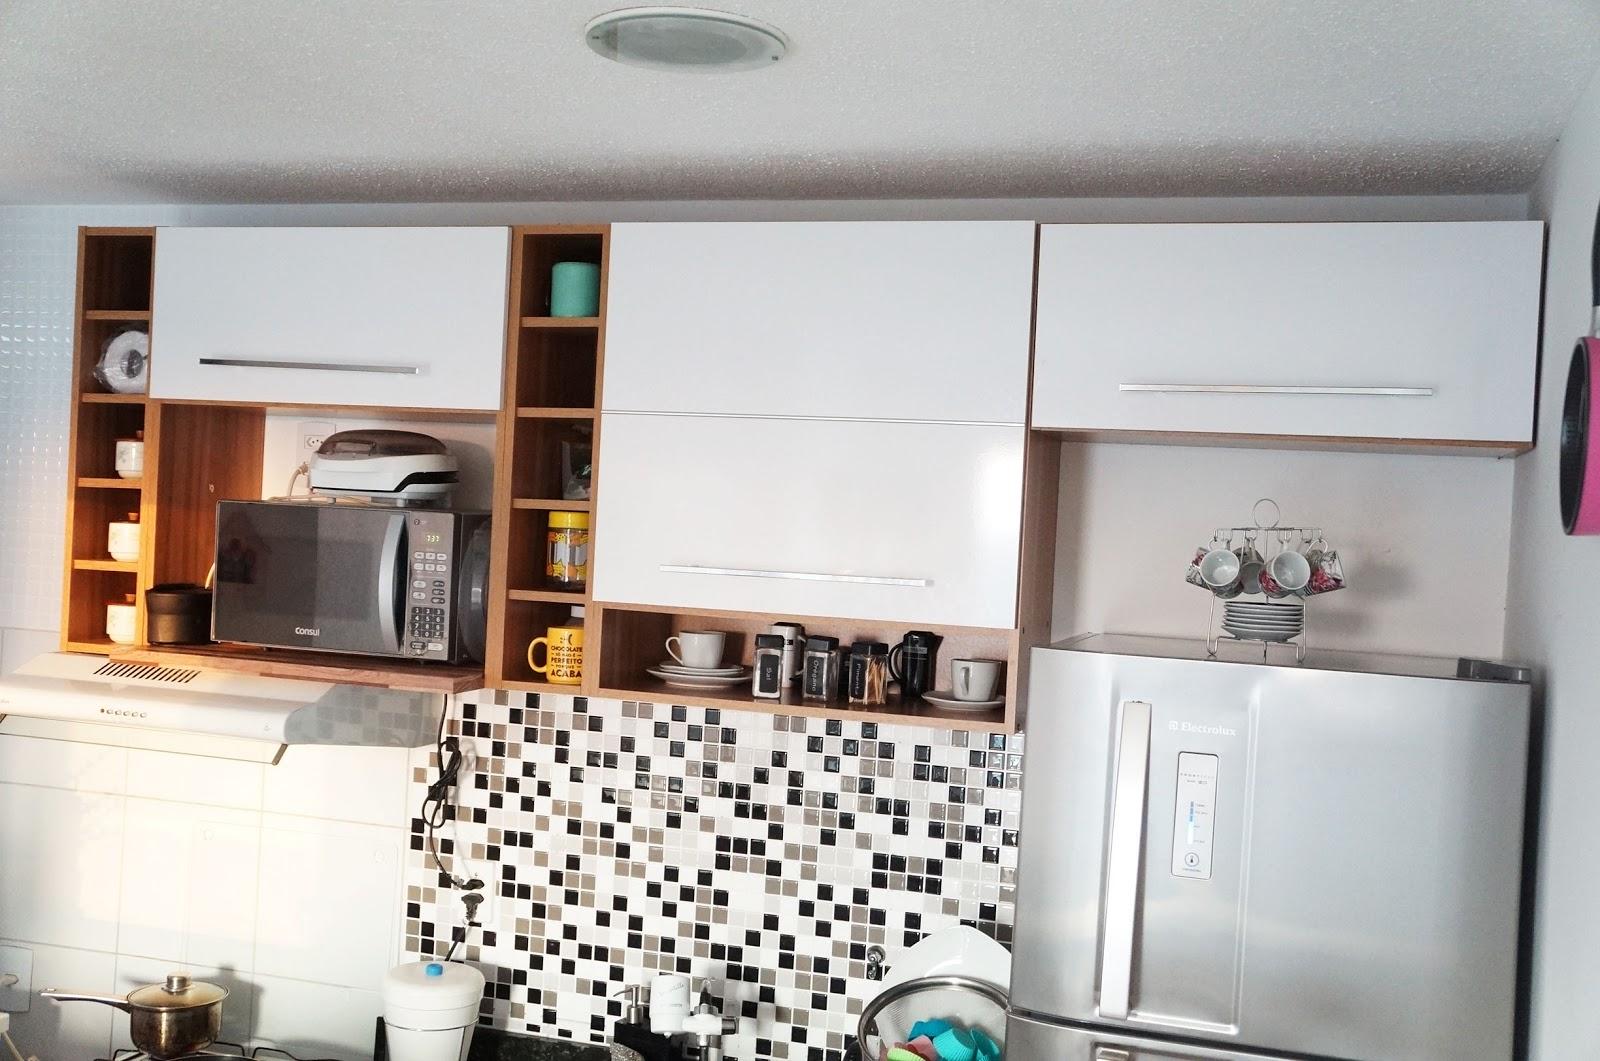 Fernanda Calheiros BLOG: Minha cozinha casas bahia Bartira Glamour #9E642D 1600 1061